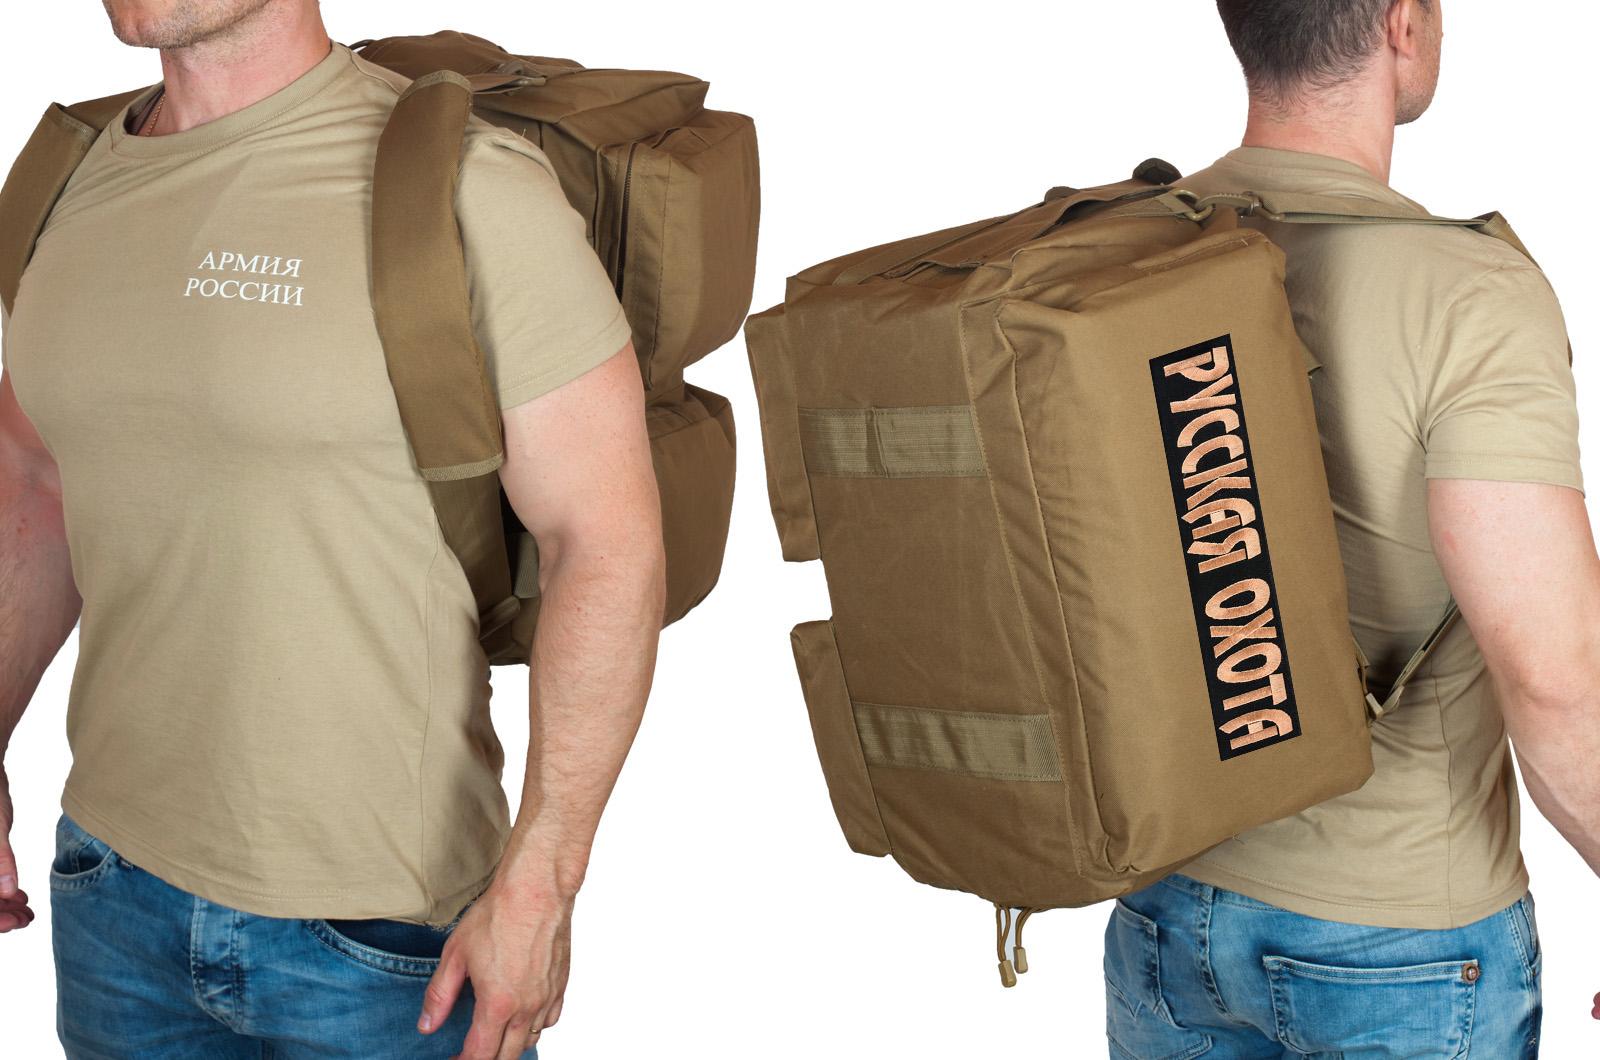 Мужская походная сумка с нашивкой Русская Охота - купить опттом